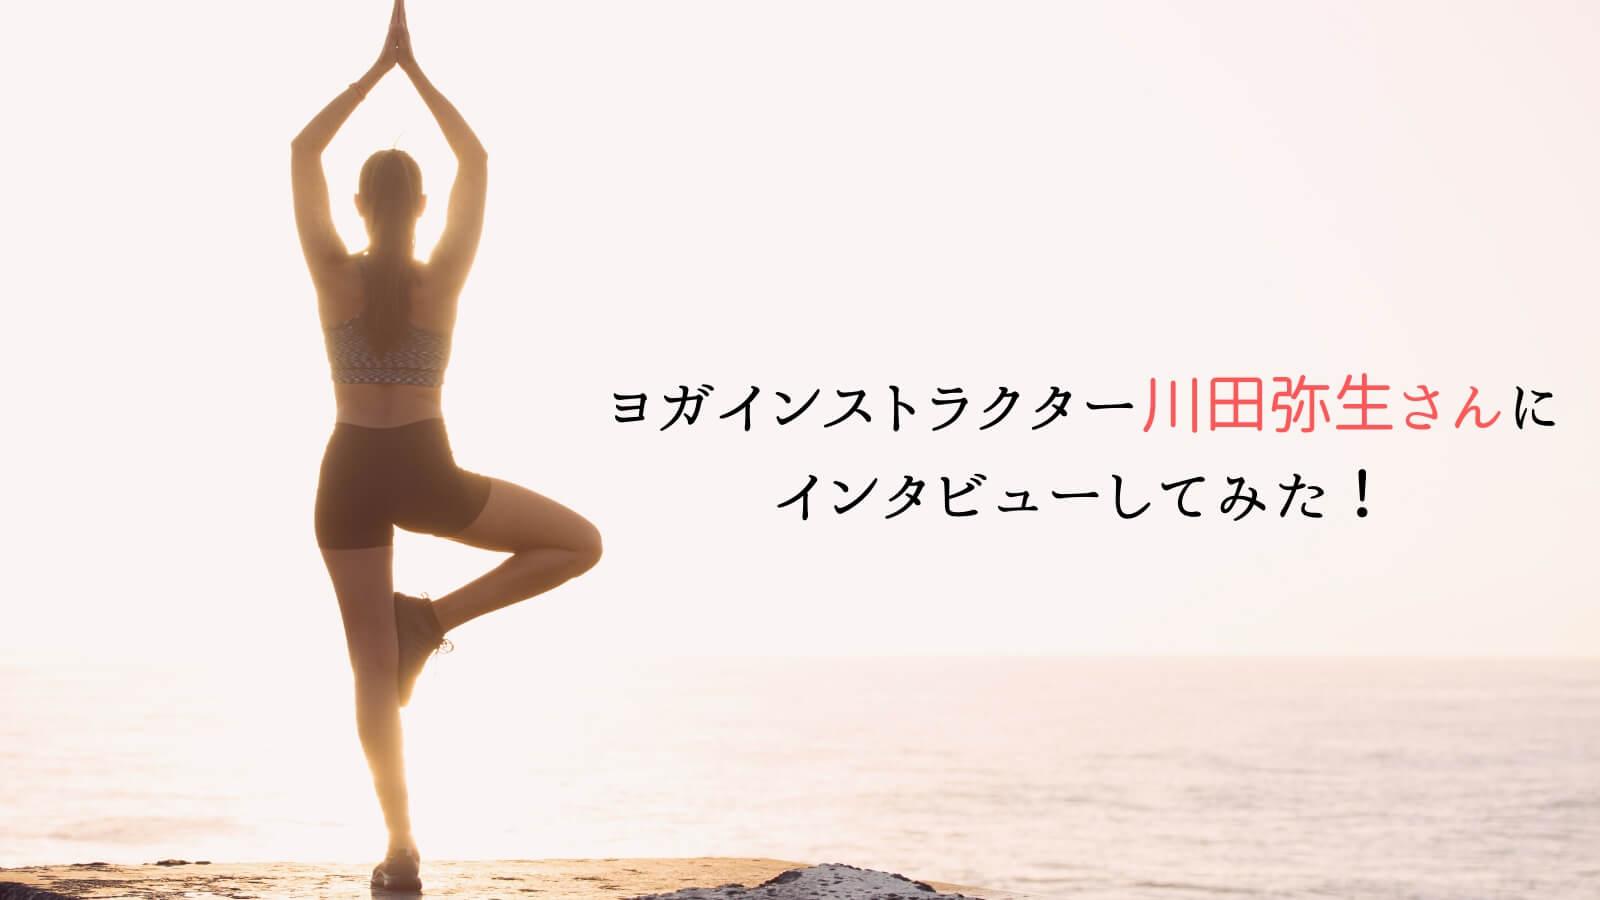 ヨガインストラクター川田弥生さんにインタビューしてみた!